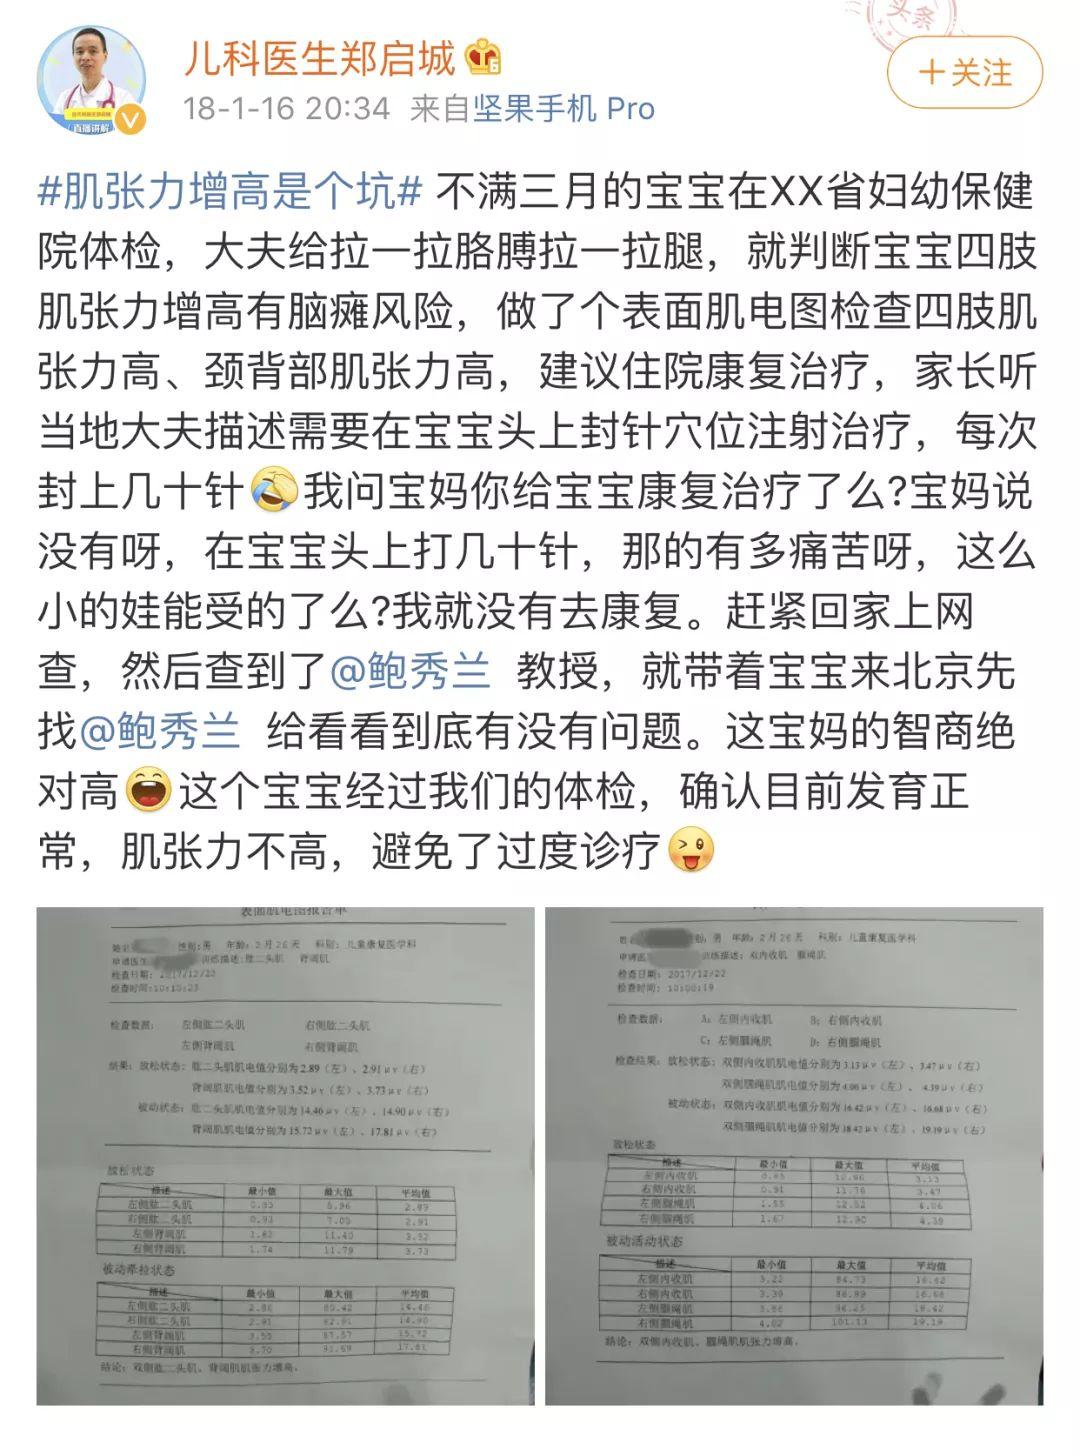 郑启城微博